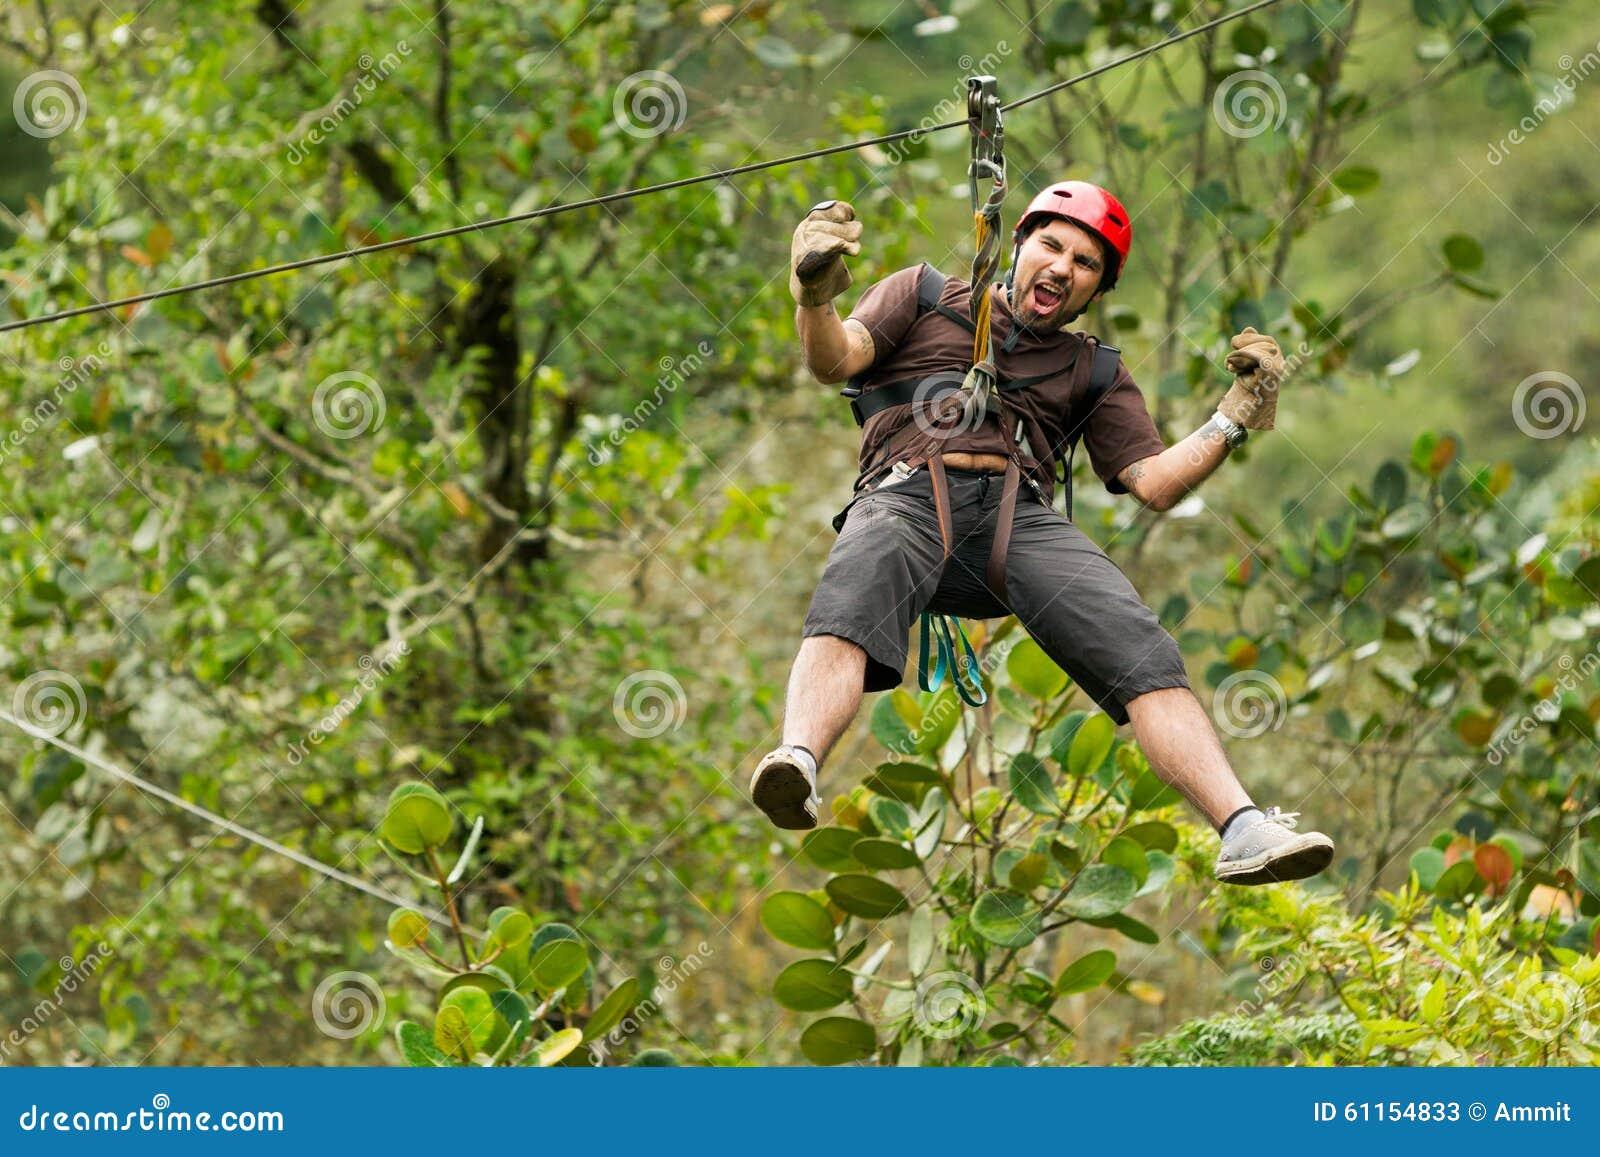 Ziplinie Abenteuer